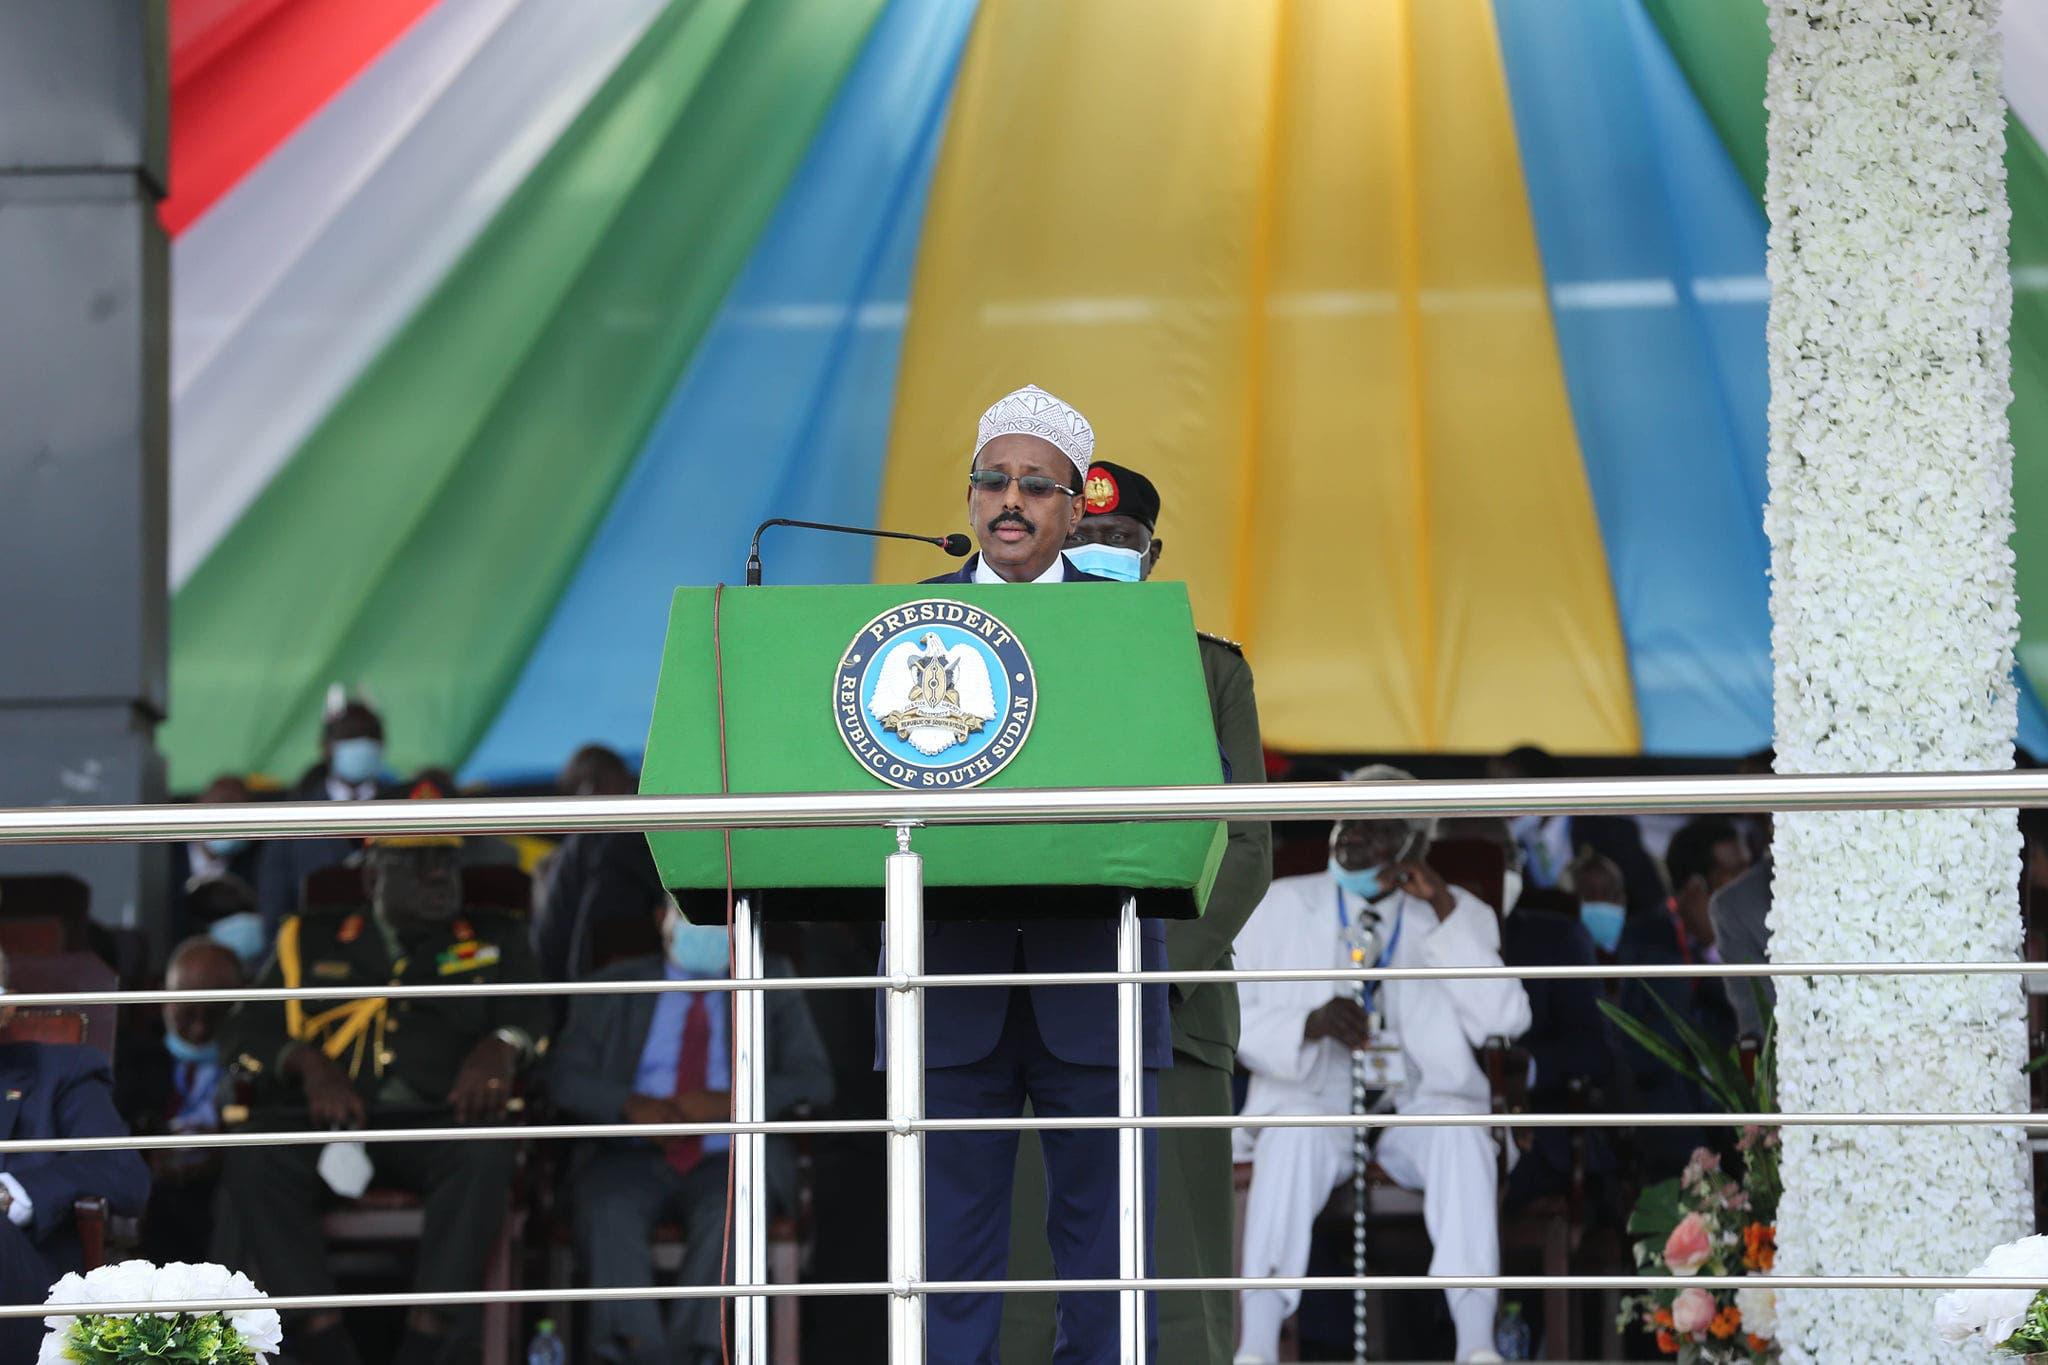 Madaxweyne Farmaajo oo reer Sudan uga digay arrin ku dhacday Soomaaliya